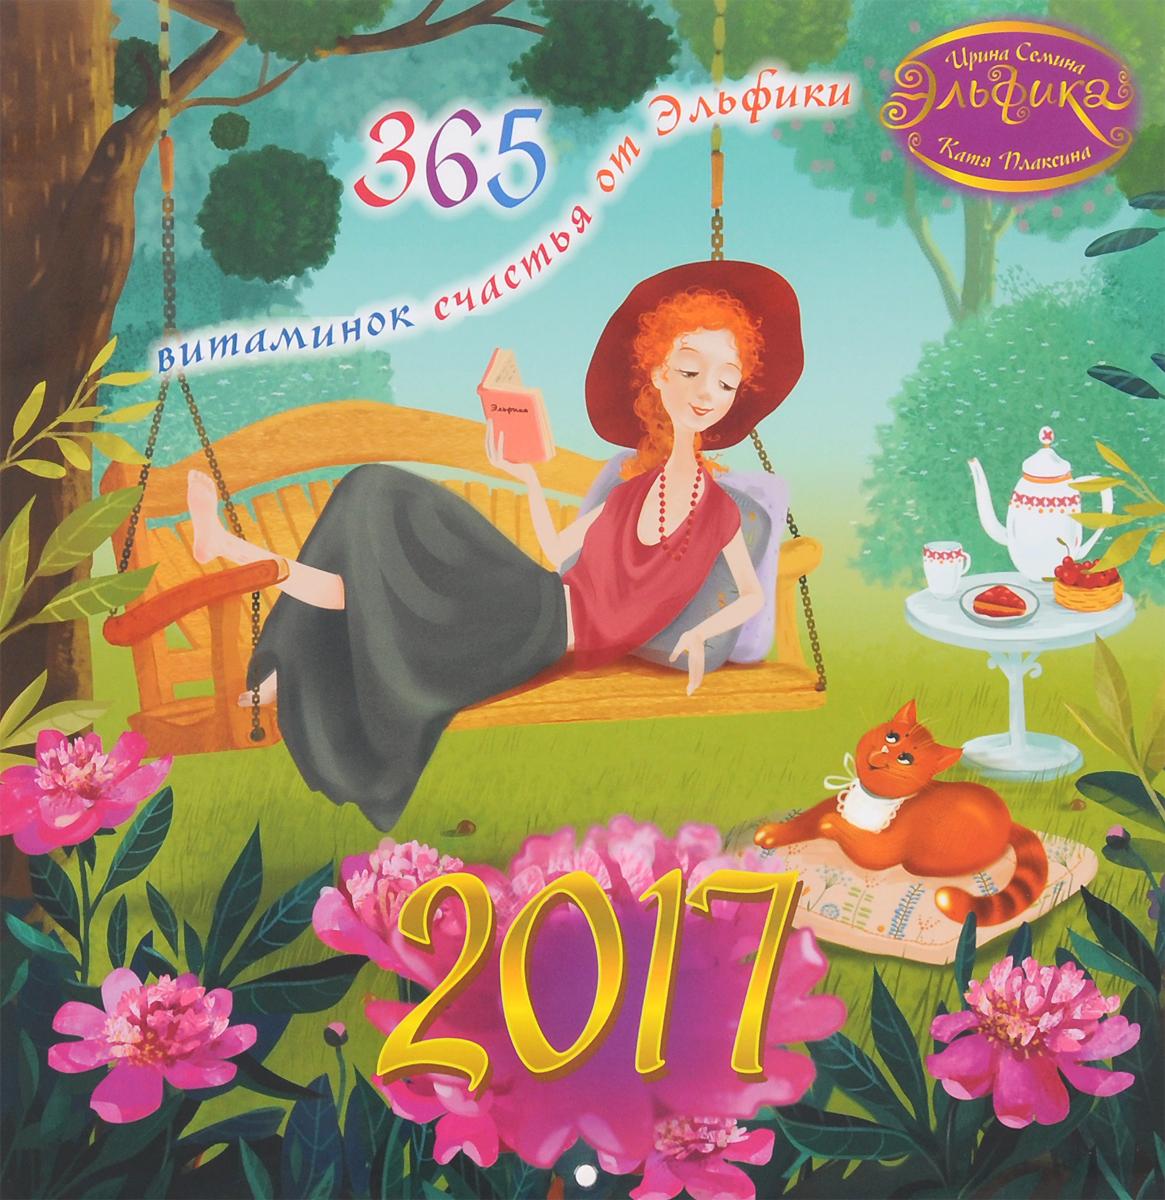 купить И. К. Семина, К. Плаксина Календарь 2017 год (на скрепке). 365 витаминок счастья от Эльфики по цене 170 рублей